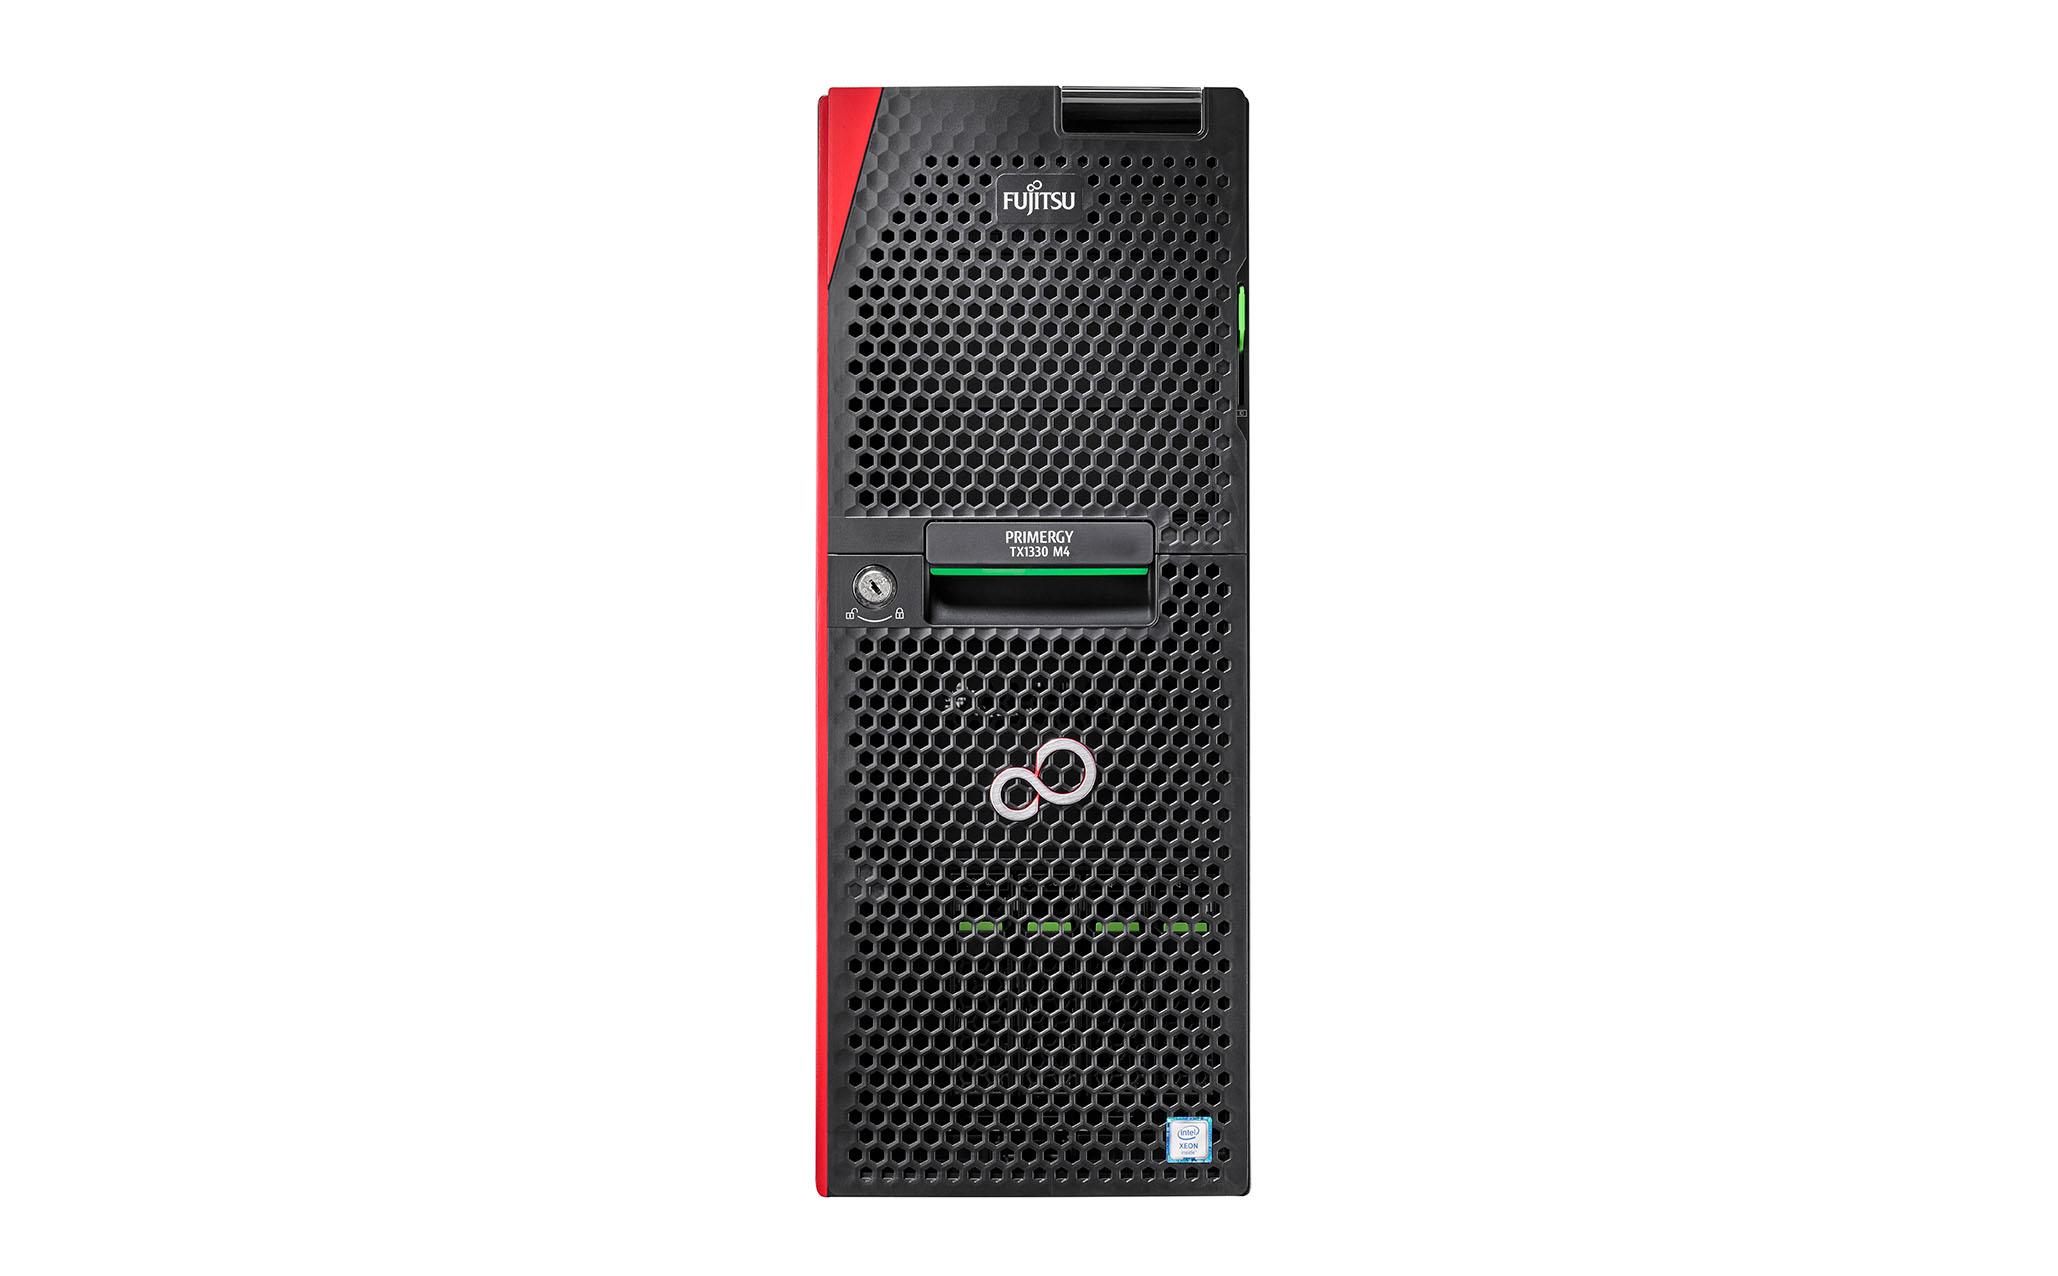 Fujitsu TX1330M4 XEON E-2276G 16GB 8SFF 450W - 4,9 GHz